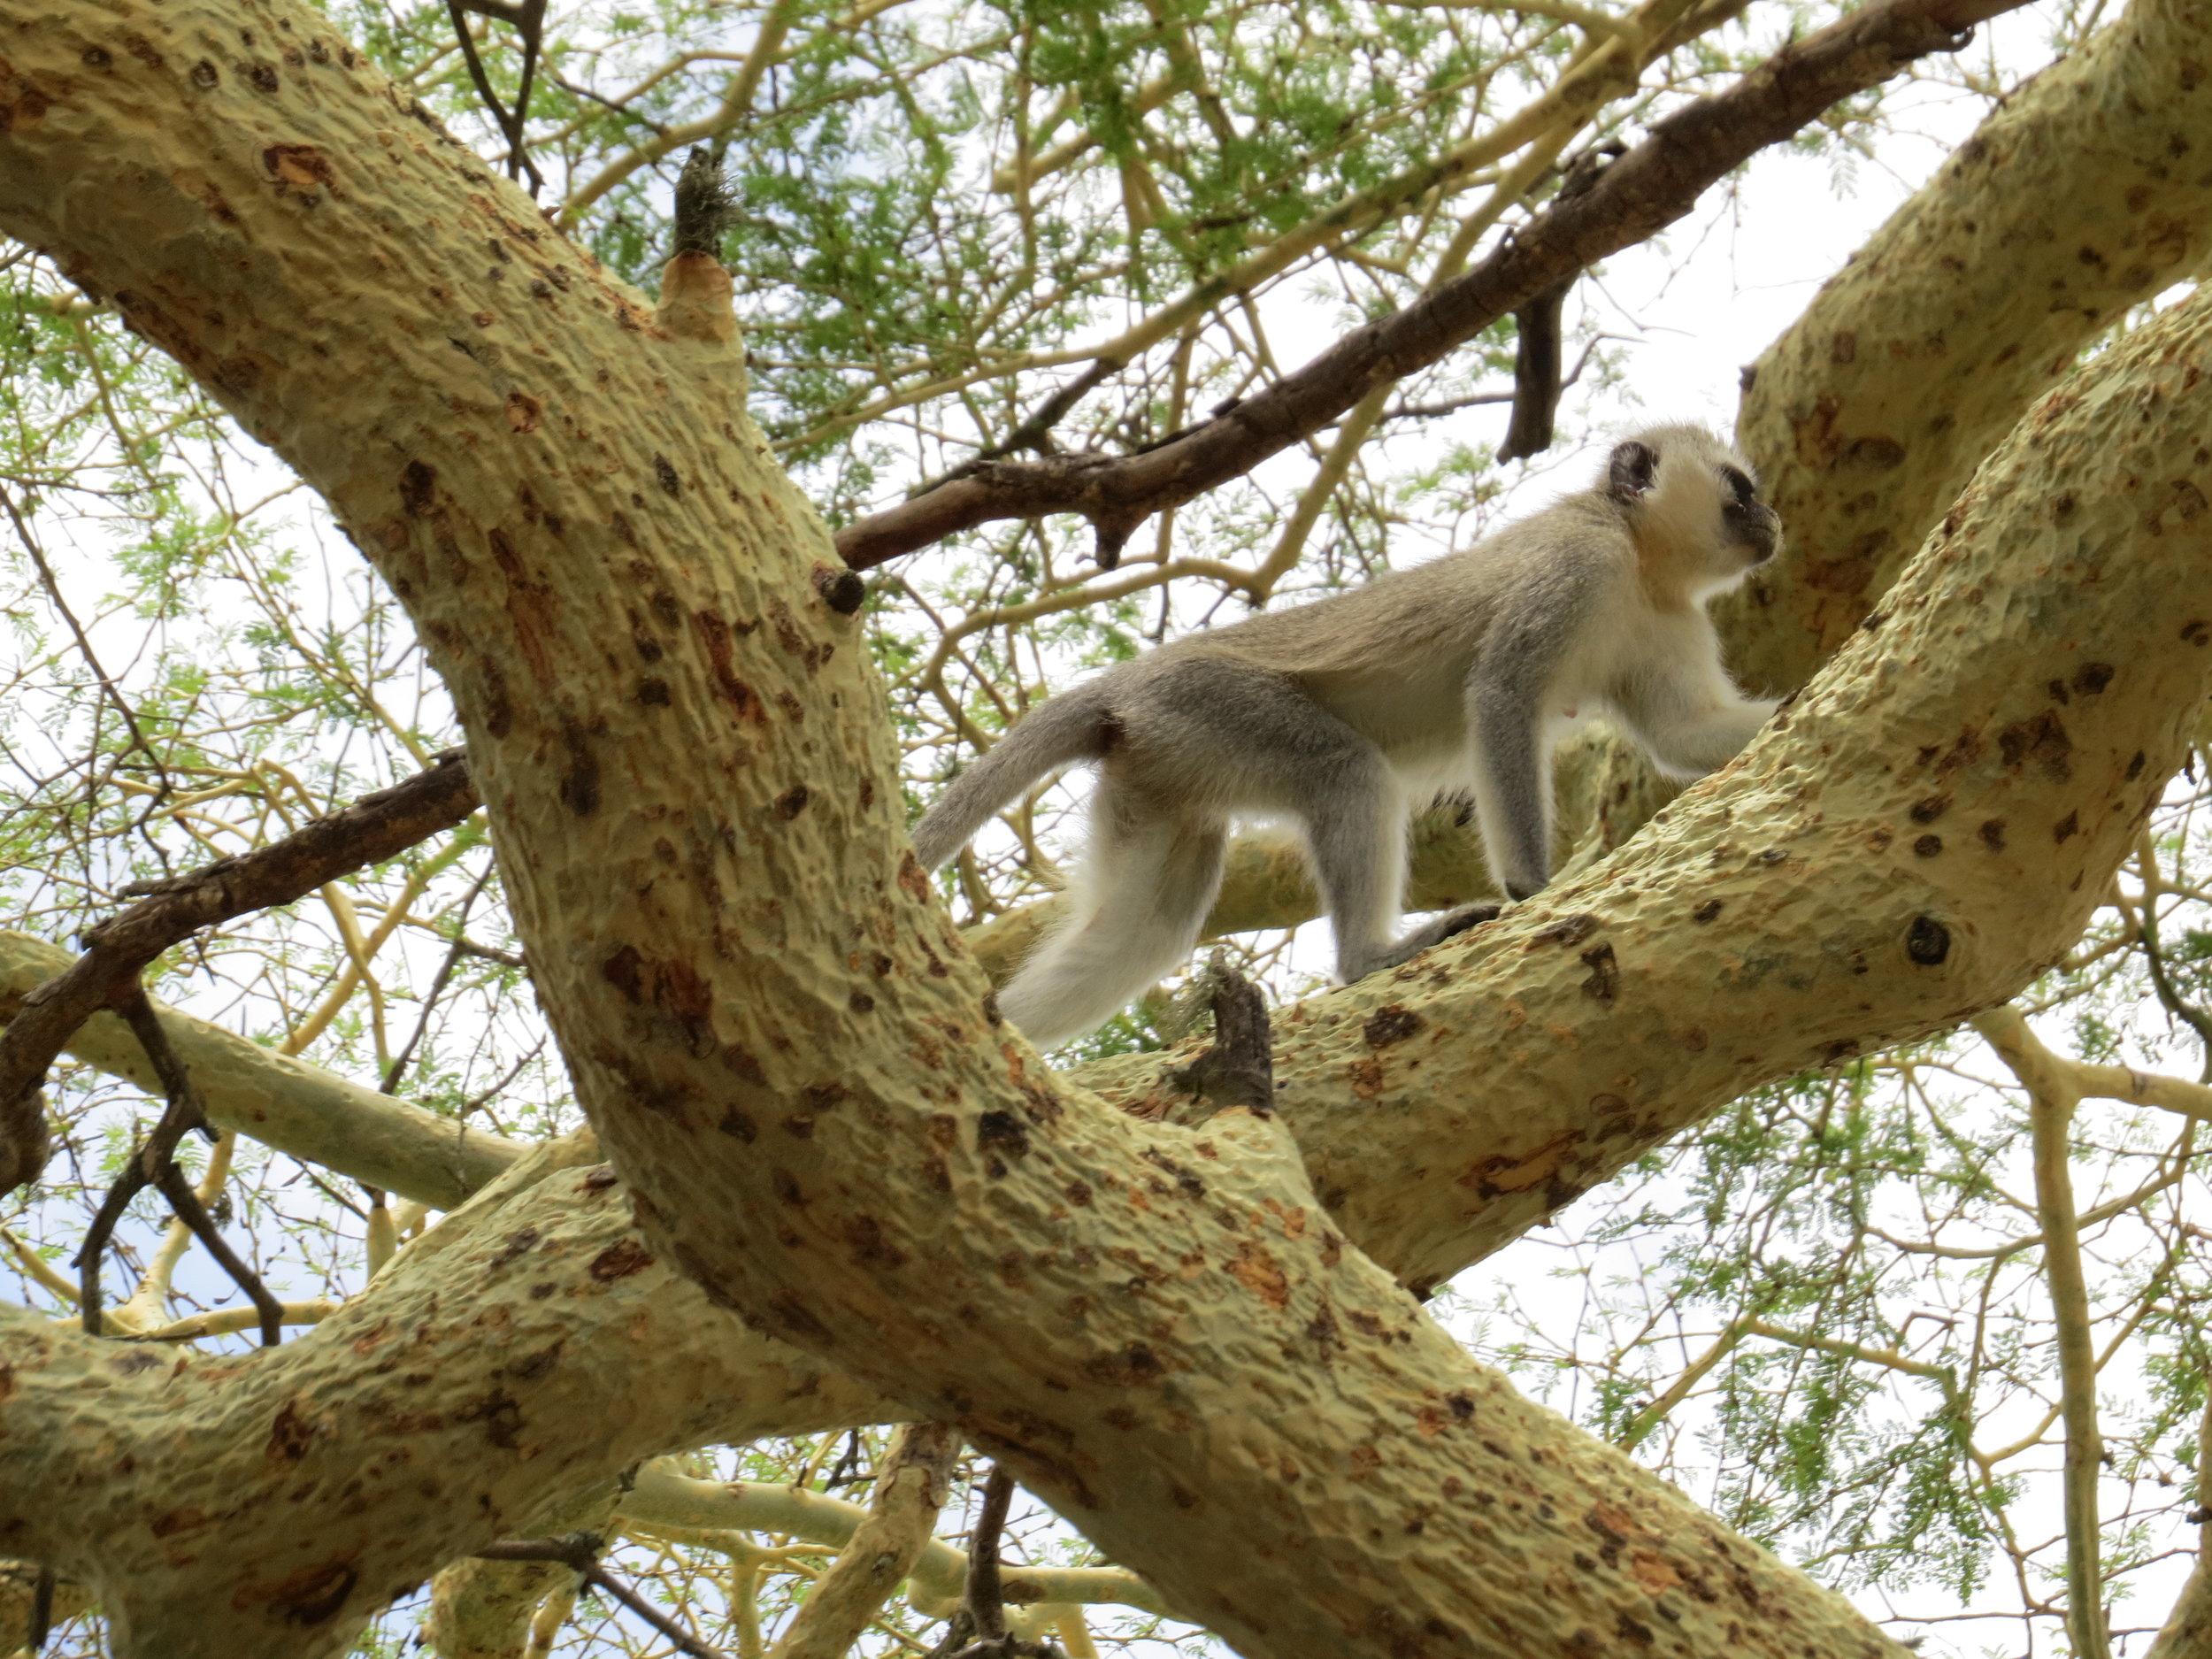 Vervet monkeys kept tabs on us